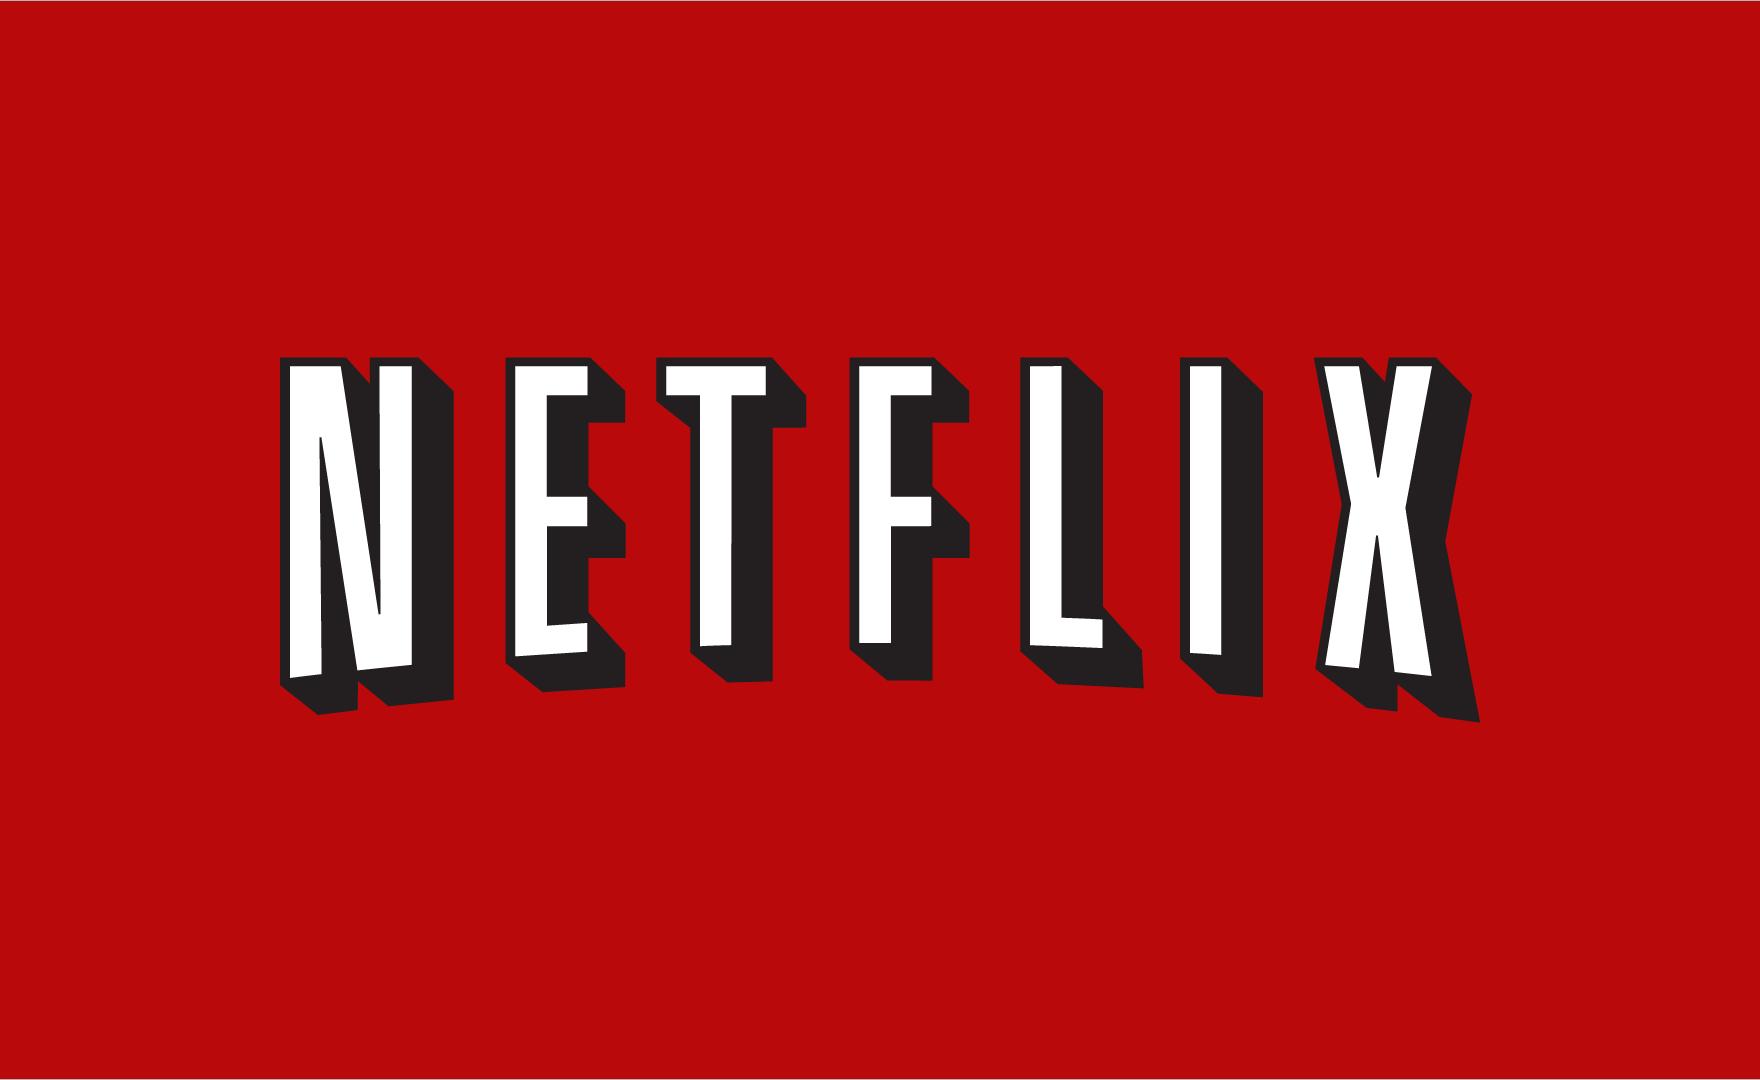 Netflix e gaming: nuovi indizi, ci sarà anche un'esclusiva PlayStation